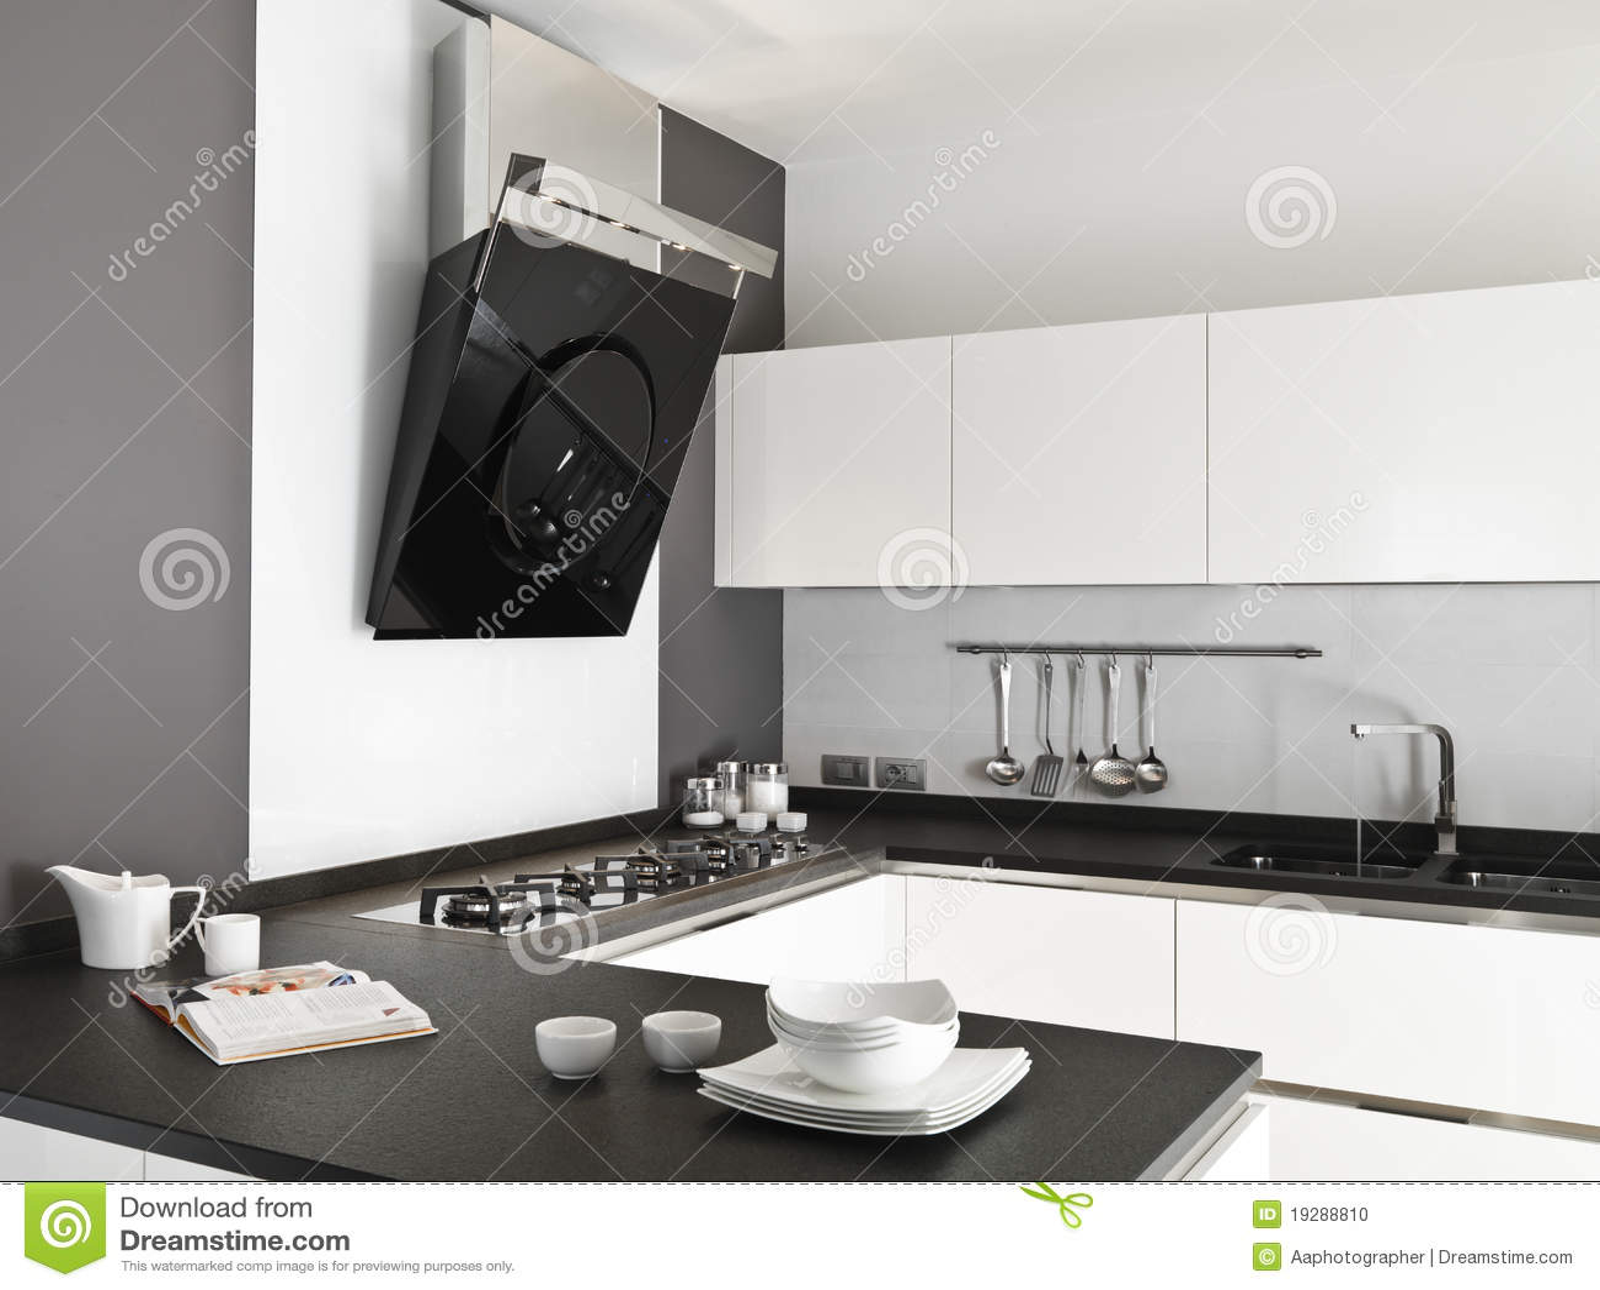 Cucina bianca moderna fotografia stock. Immagine di legno - 19288810